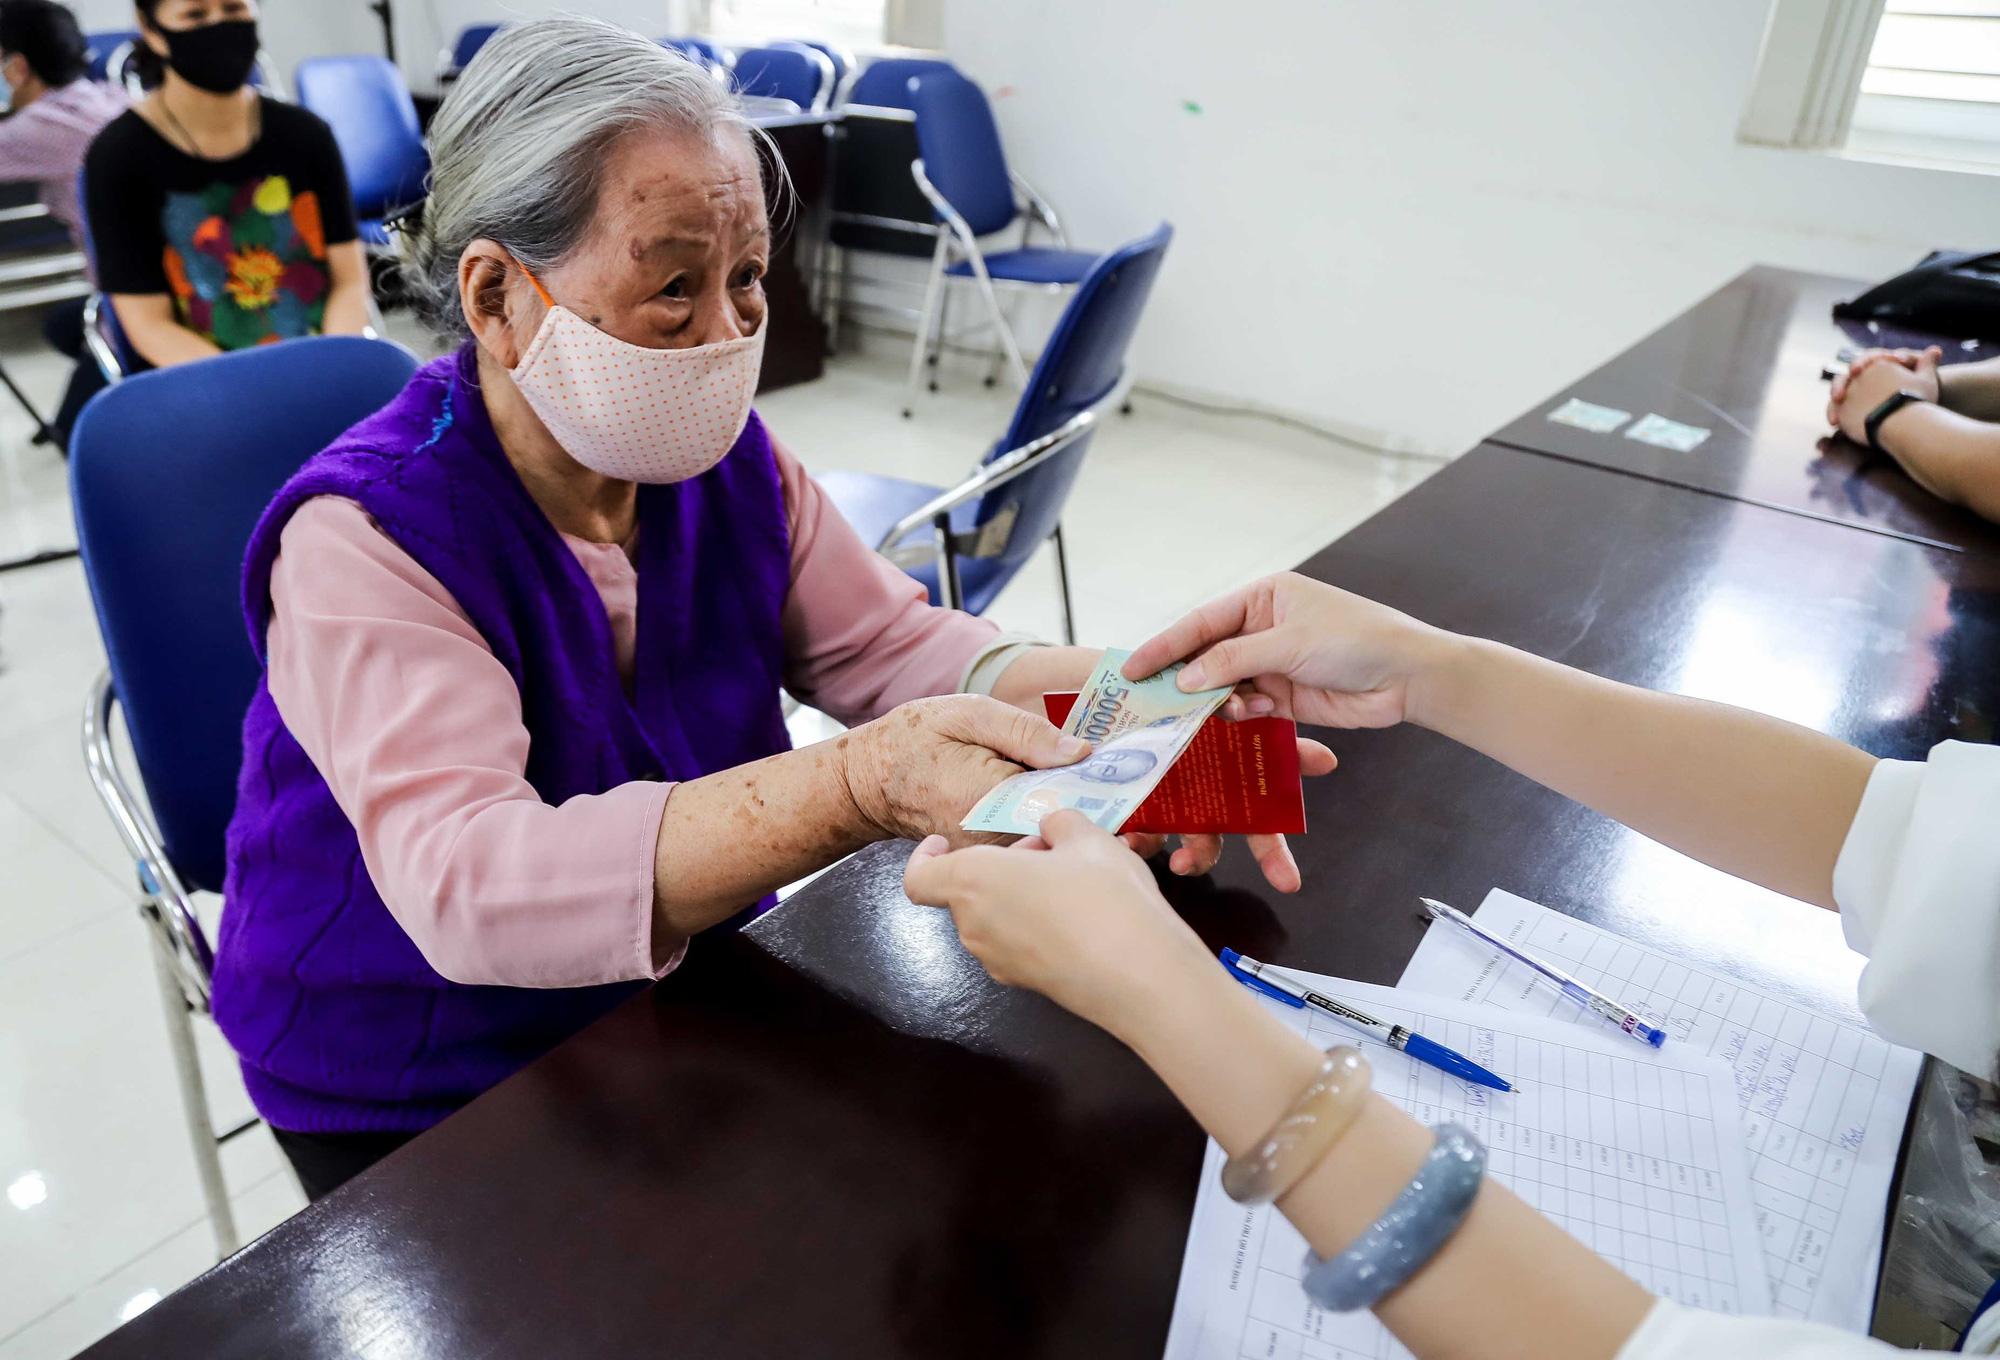 Quyết định về việc phê duyệt danh sách hỗ trợ đối tượng bảo trợ xã hội đang hưởng trợ cấp xã hội hàng tháng gặp khó khăn do đại dịch Covid-19 của huyện Lắk, tỉnh Đắk Lắk.